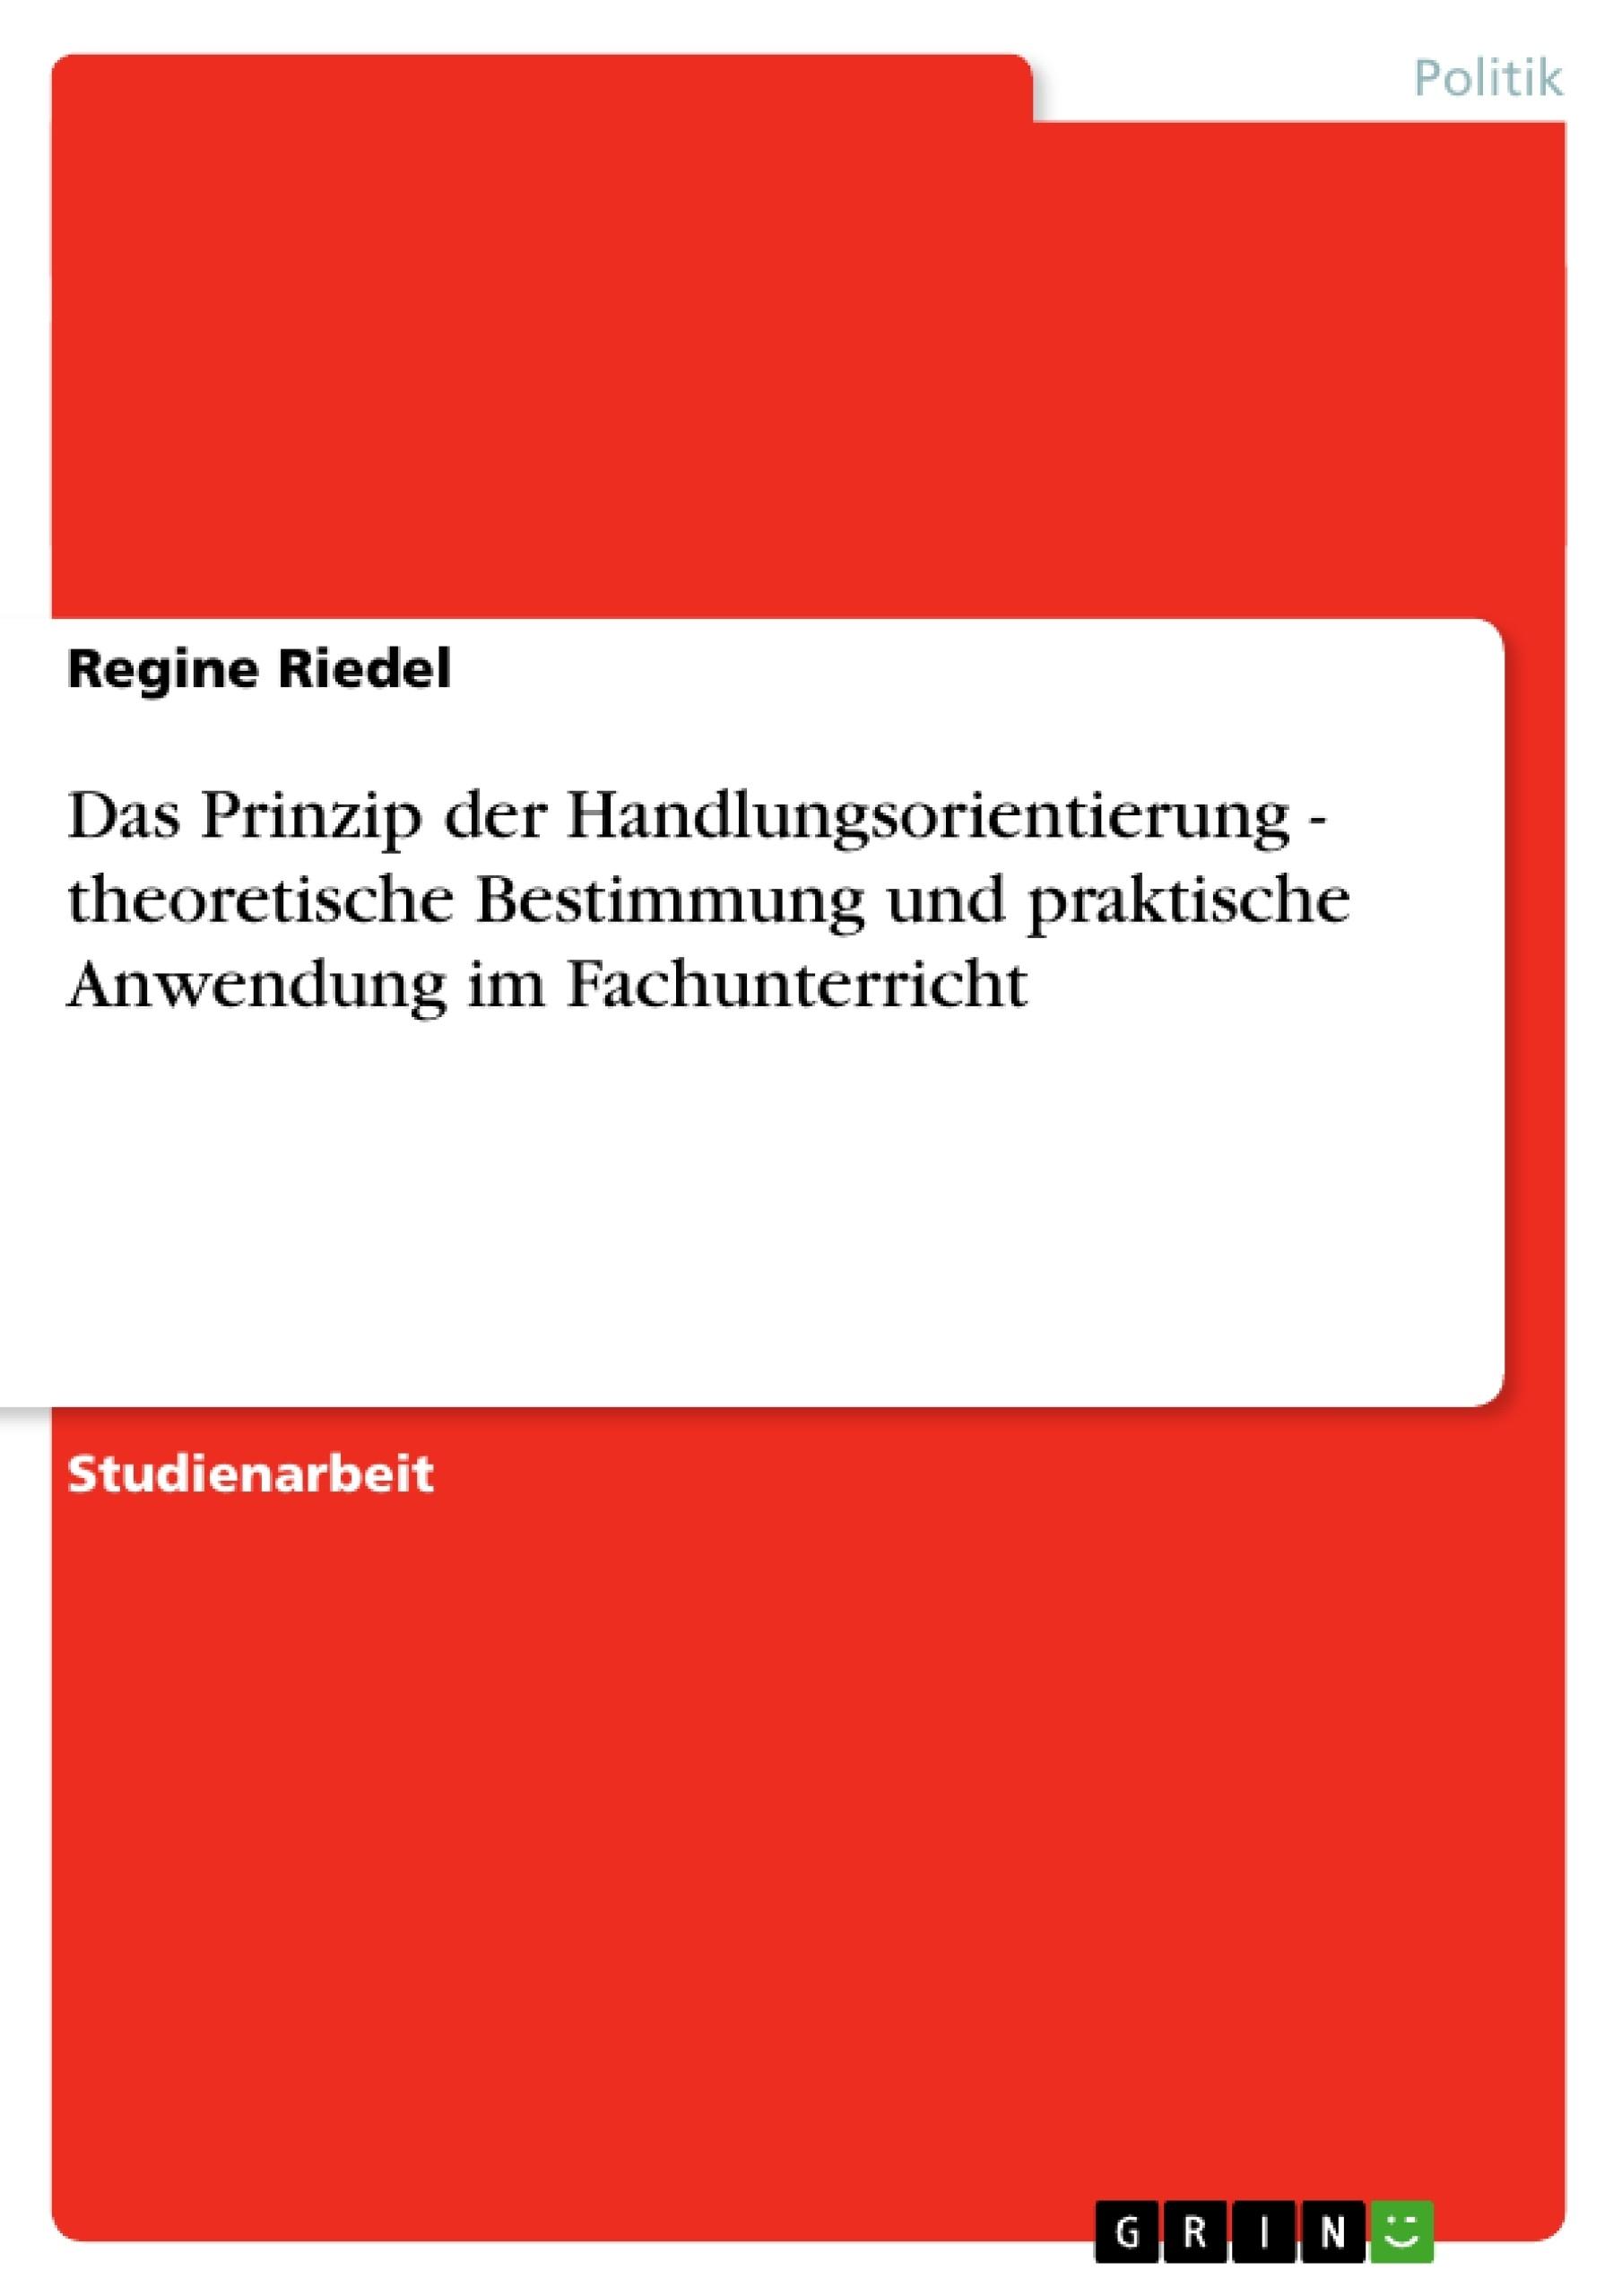 Titel: Das Prinzip der Handlungsorientierung - theoretische Bestimmung und praktische Anwendung im Fachunterricht